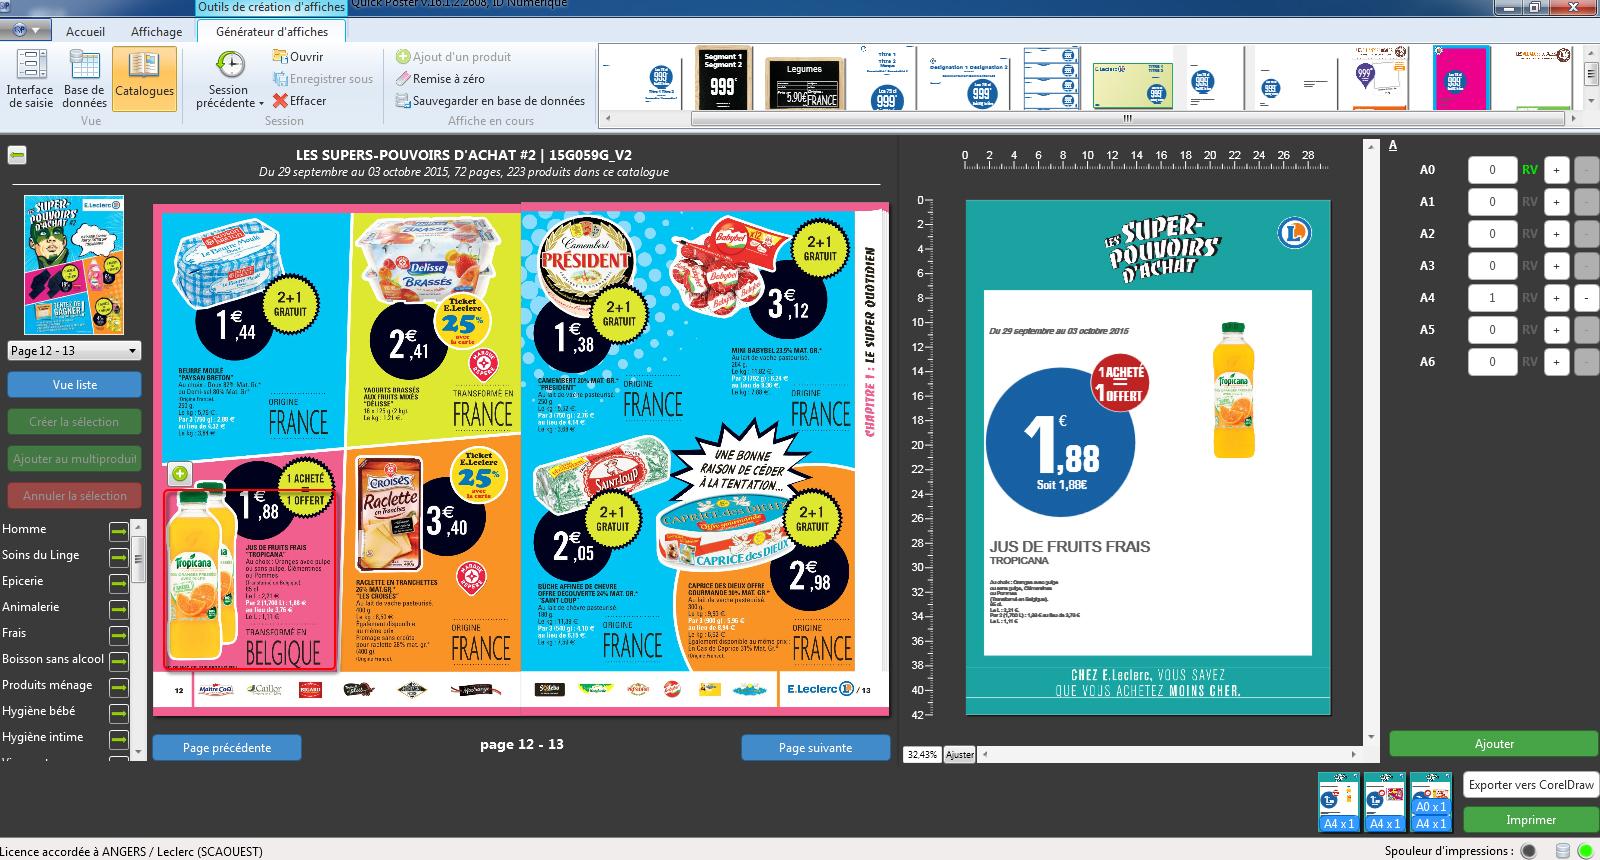 quick poster logiciel de cr u00e9ation affiches et automatisation